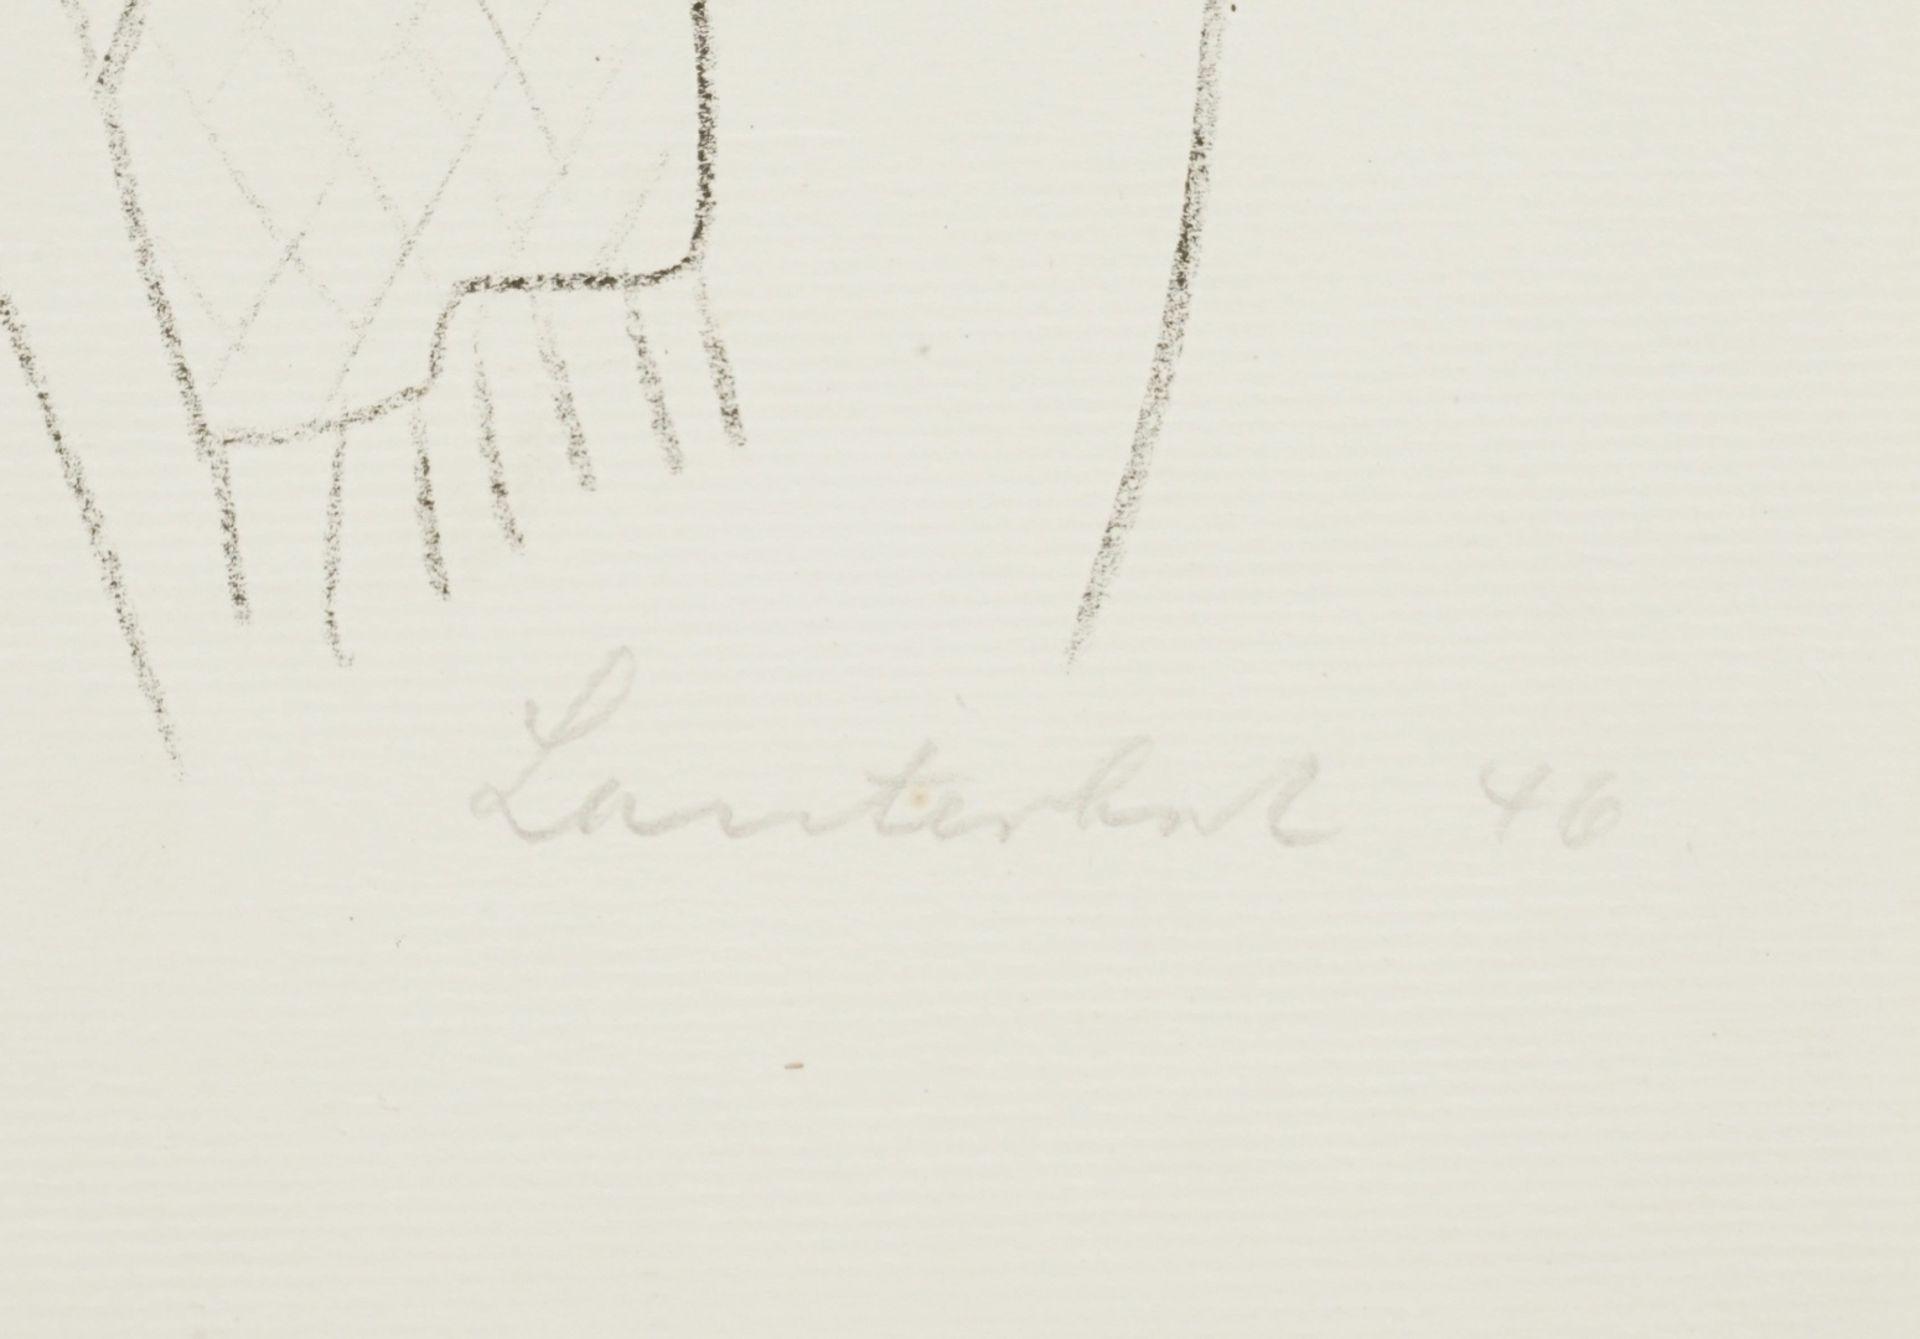 Carl Lauterbach, Zwei Frauenköpfe - Bild 4 aus 4